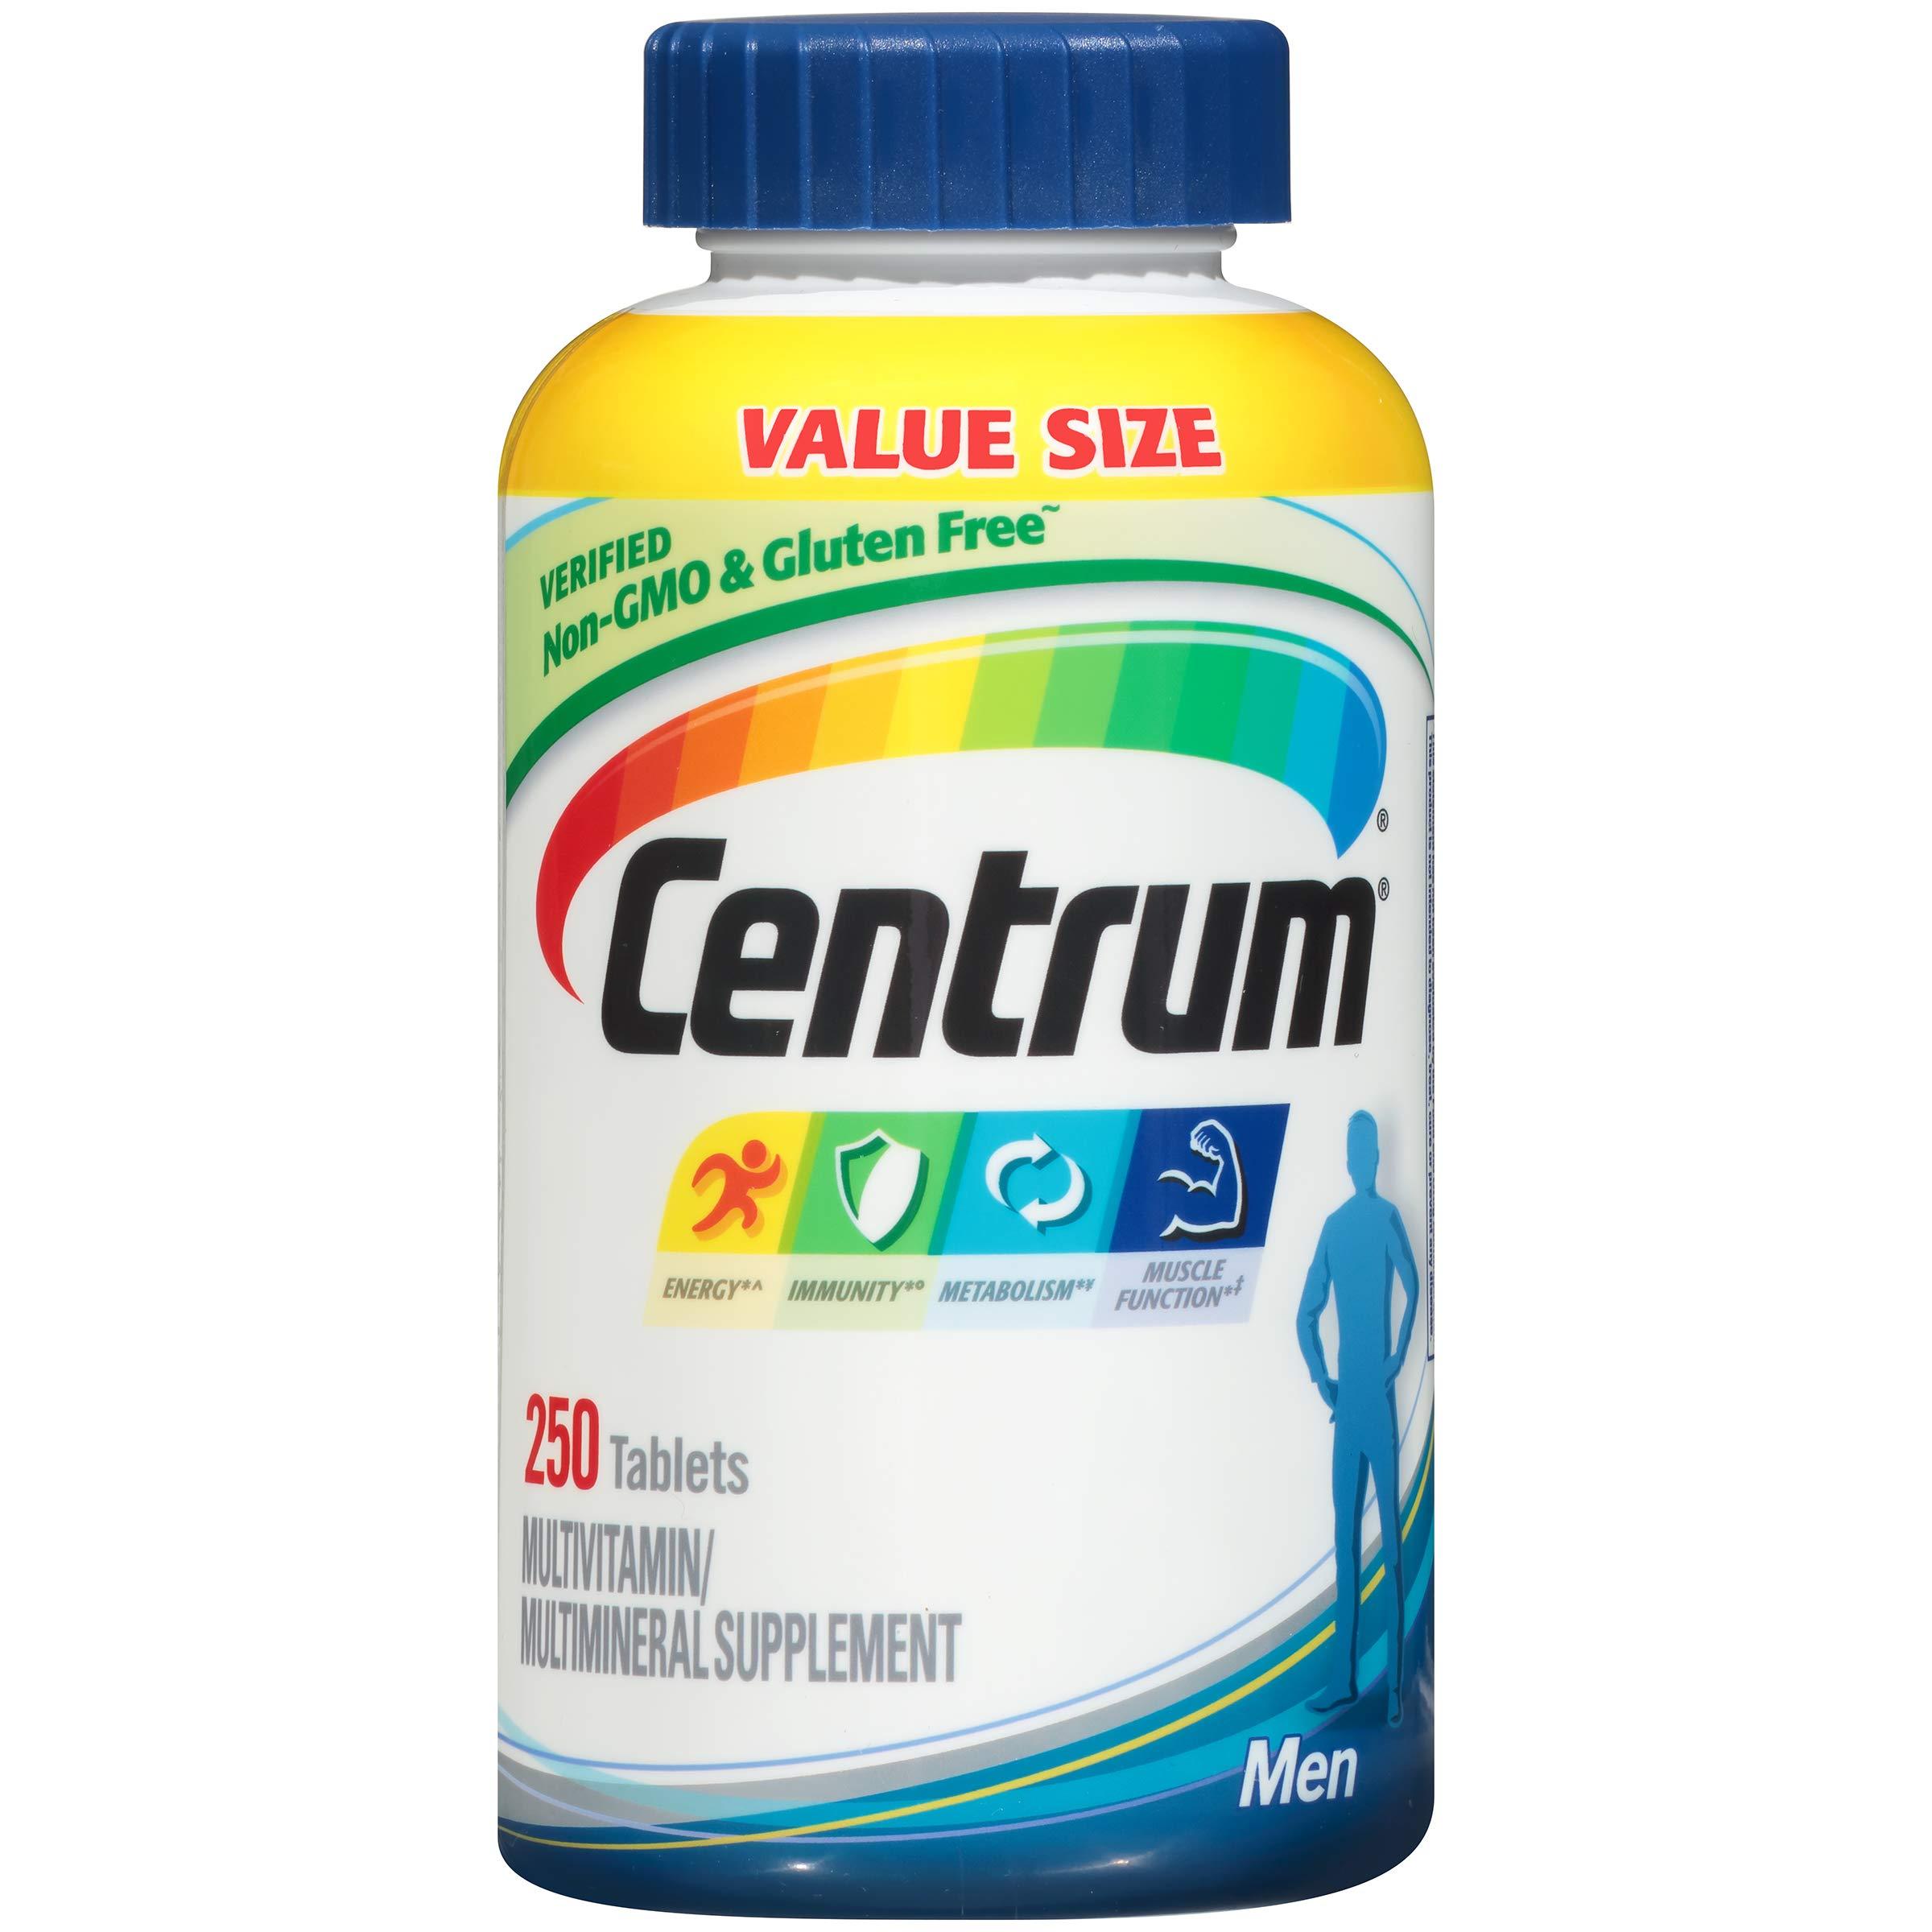 Centrum Men (250 Count) Multivitamin / Multimineral Supplement Tablet, Vitamin D3 by Centrum